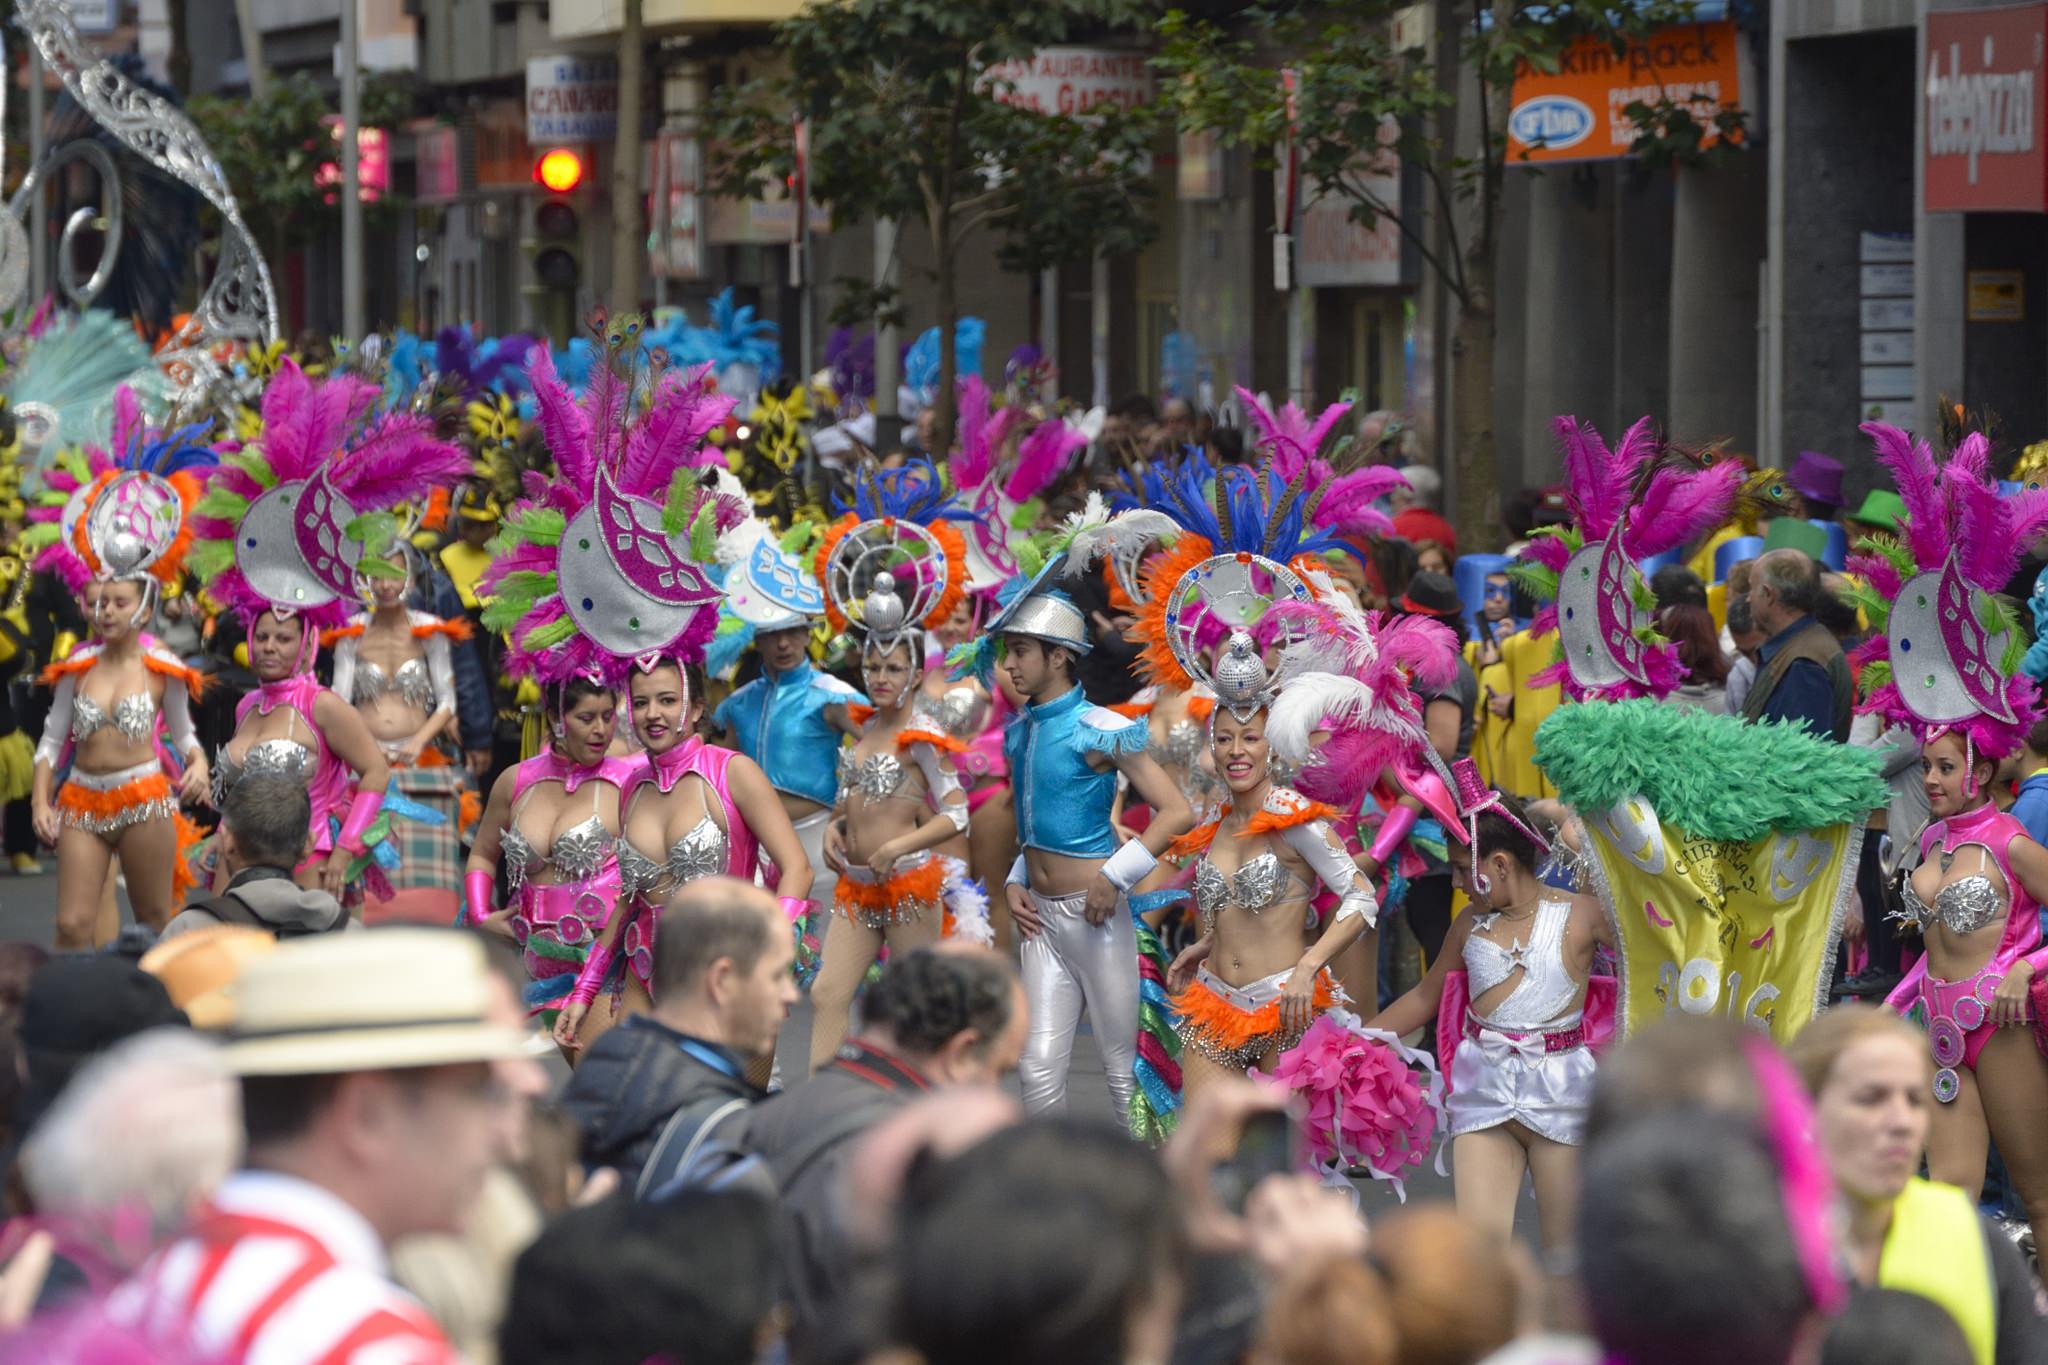 Sanidad pone en marcha una campaña para prevenir infecciones de transmisión sexual durante el Carnaval